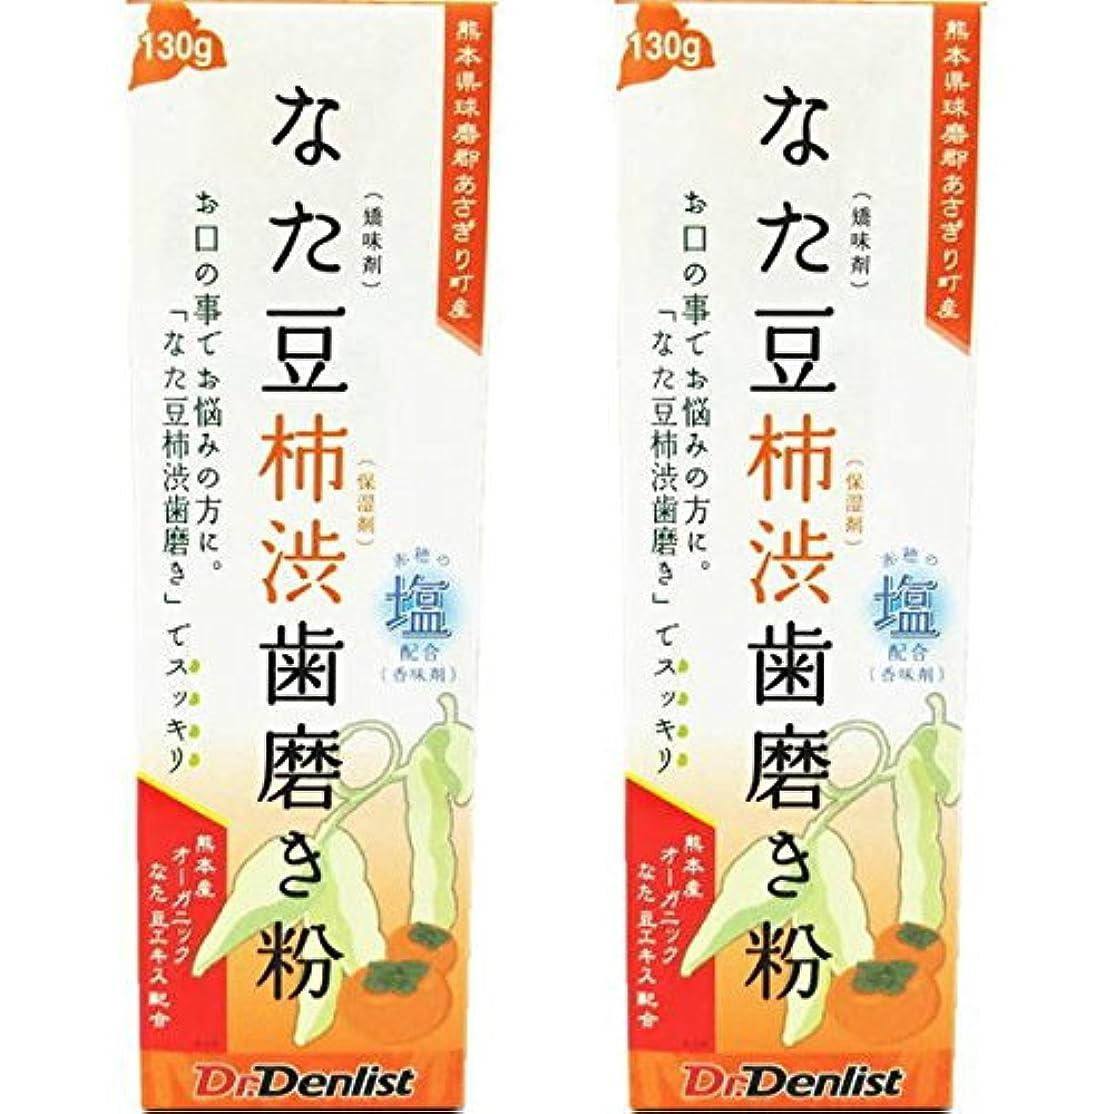 ヒューマニスティック羊飼い孤独ななた豆柿渋歯磨き 130g 2個セット 国産 有機なた豆使用 赤穂の塩配合(香味剤)